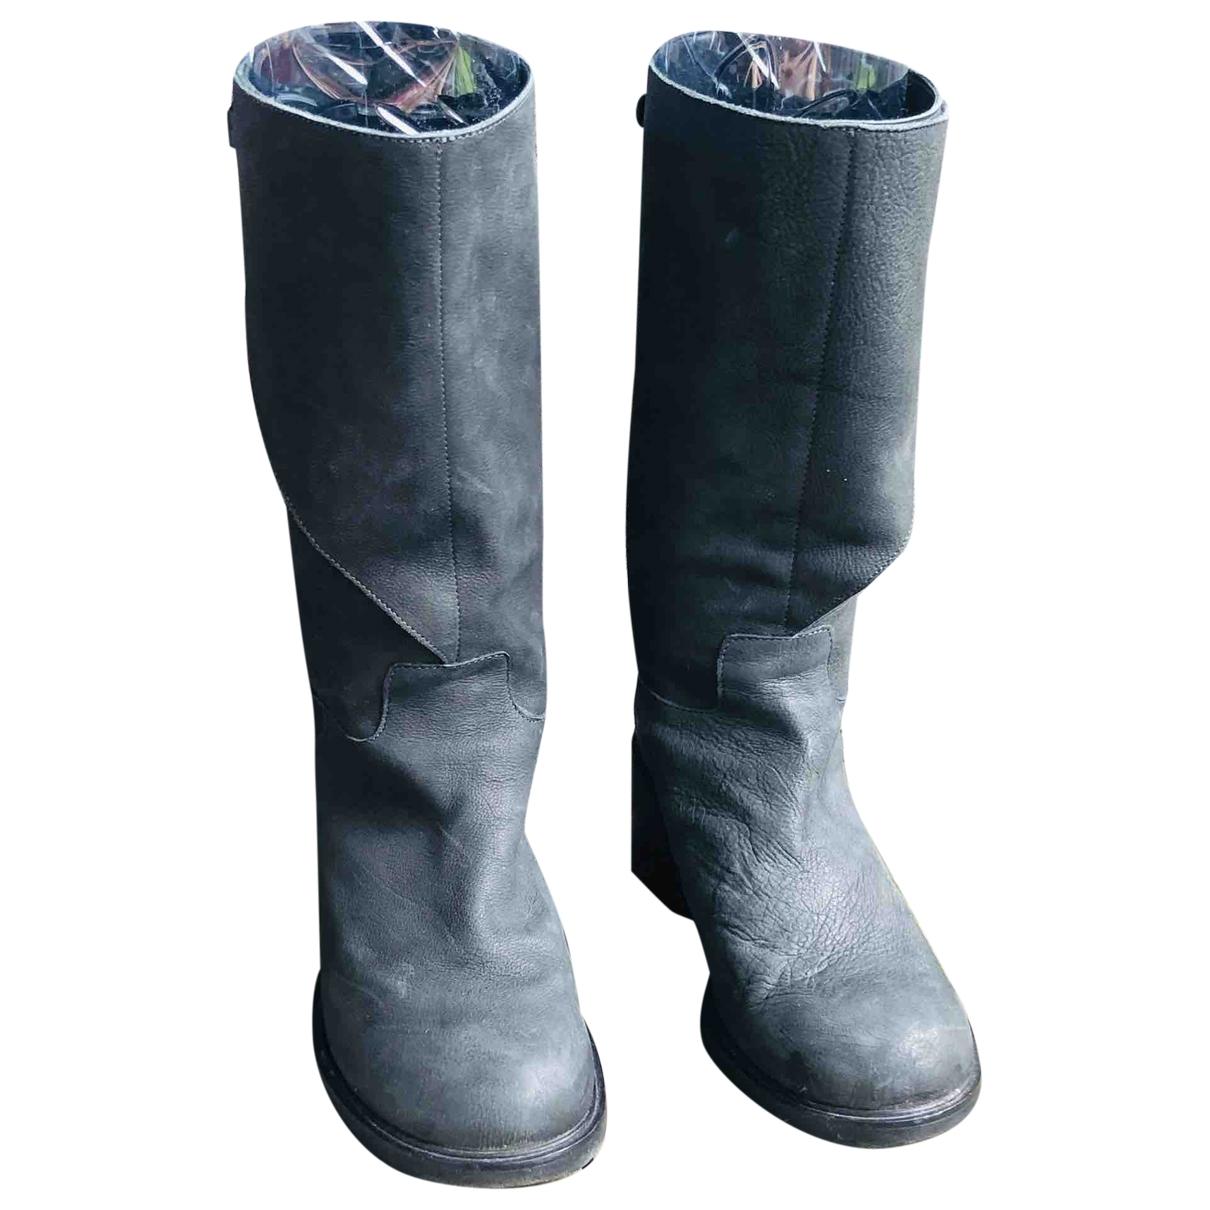 Af Vandevorst - Boots   pour femme en cuir - gris